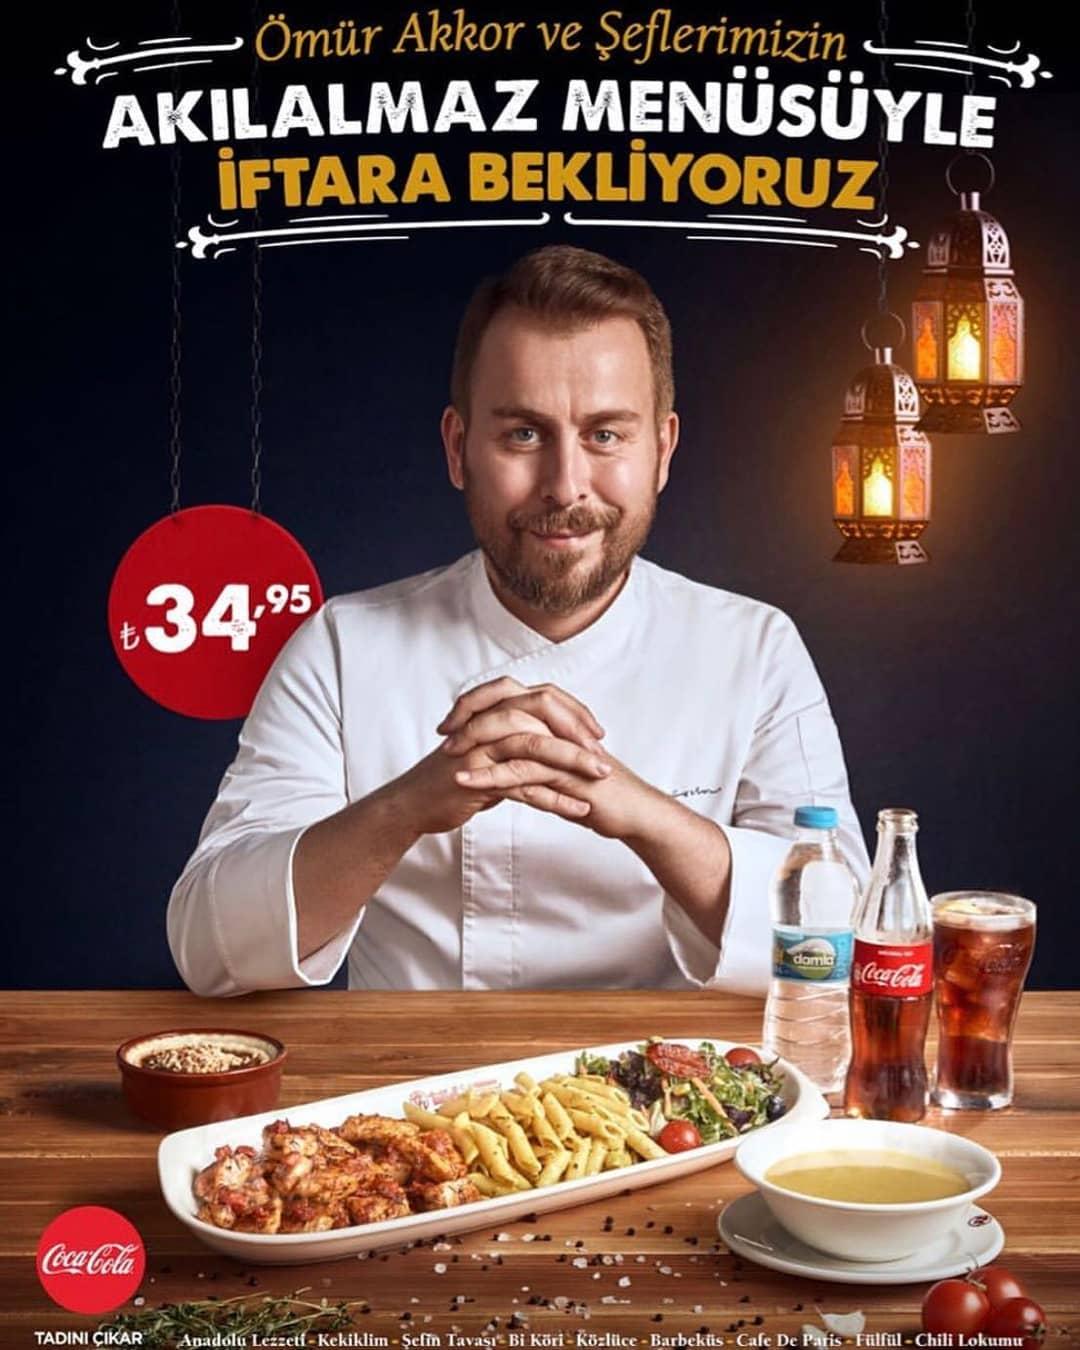 tavuk dünyası menu monu fiyat